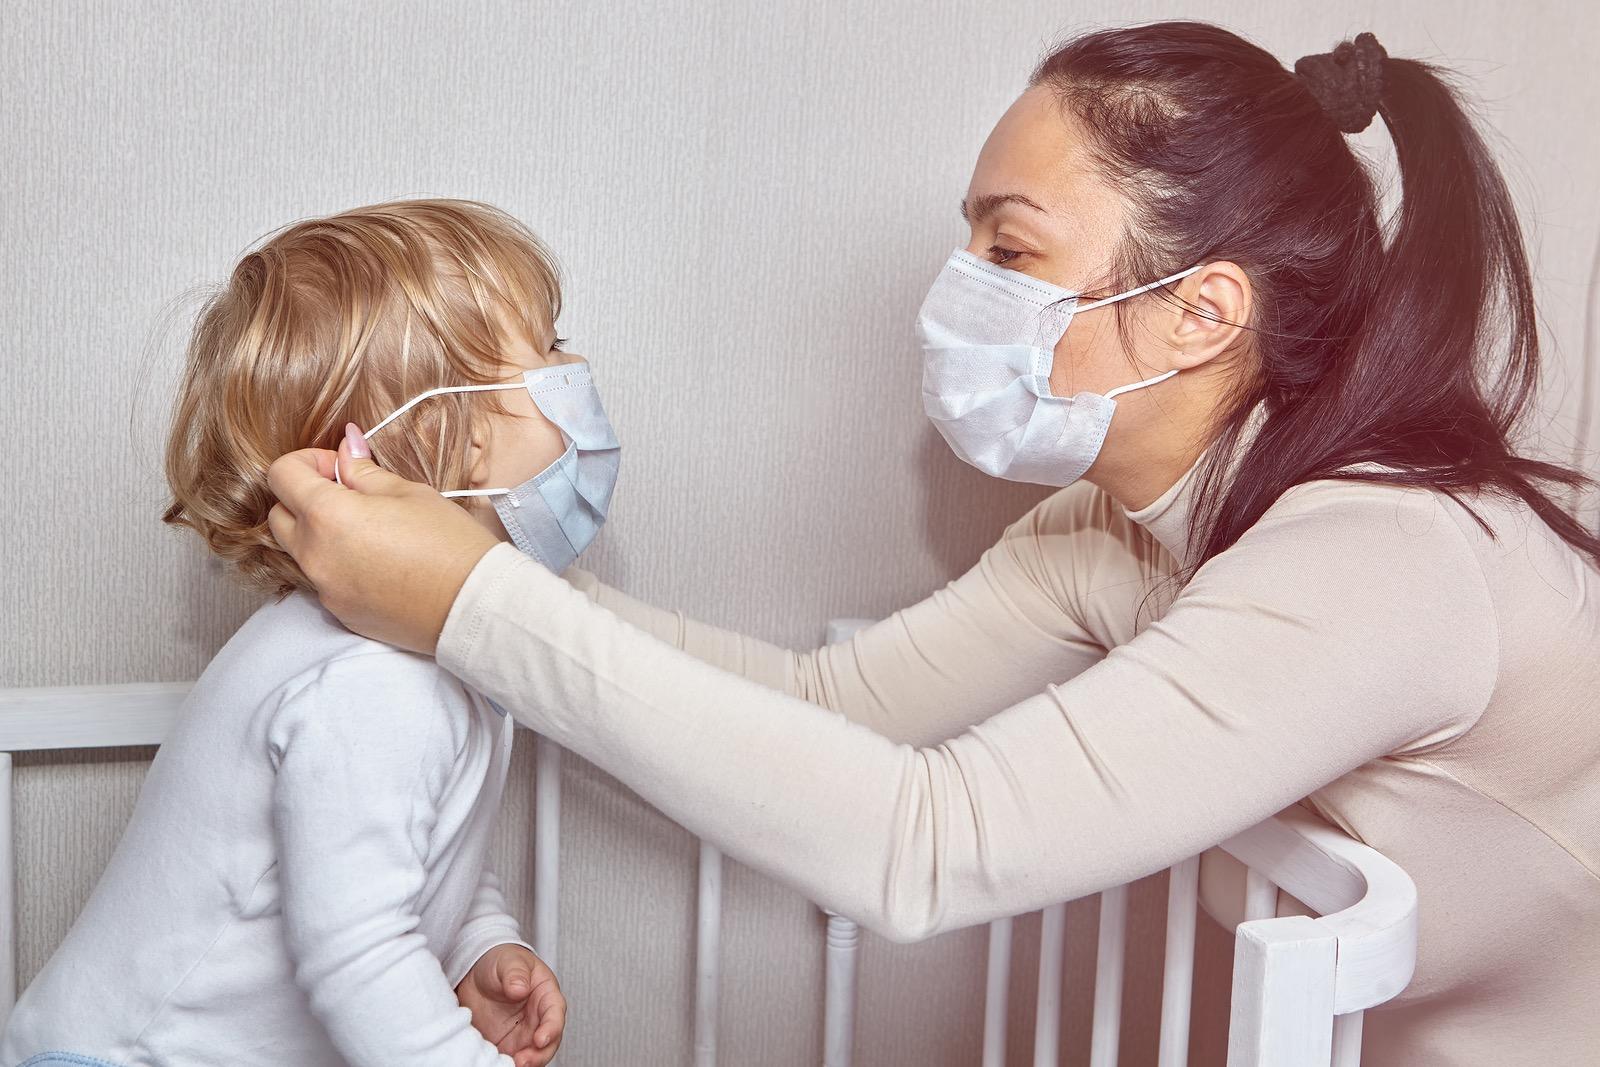 Coronavirus mother and child